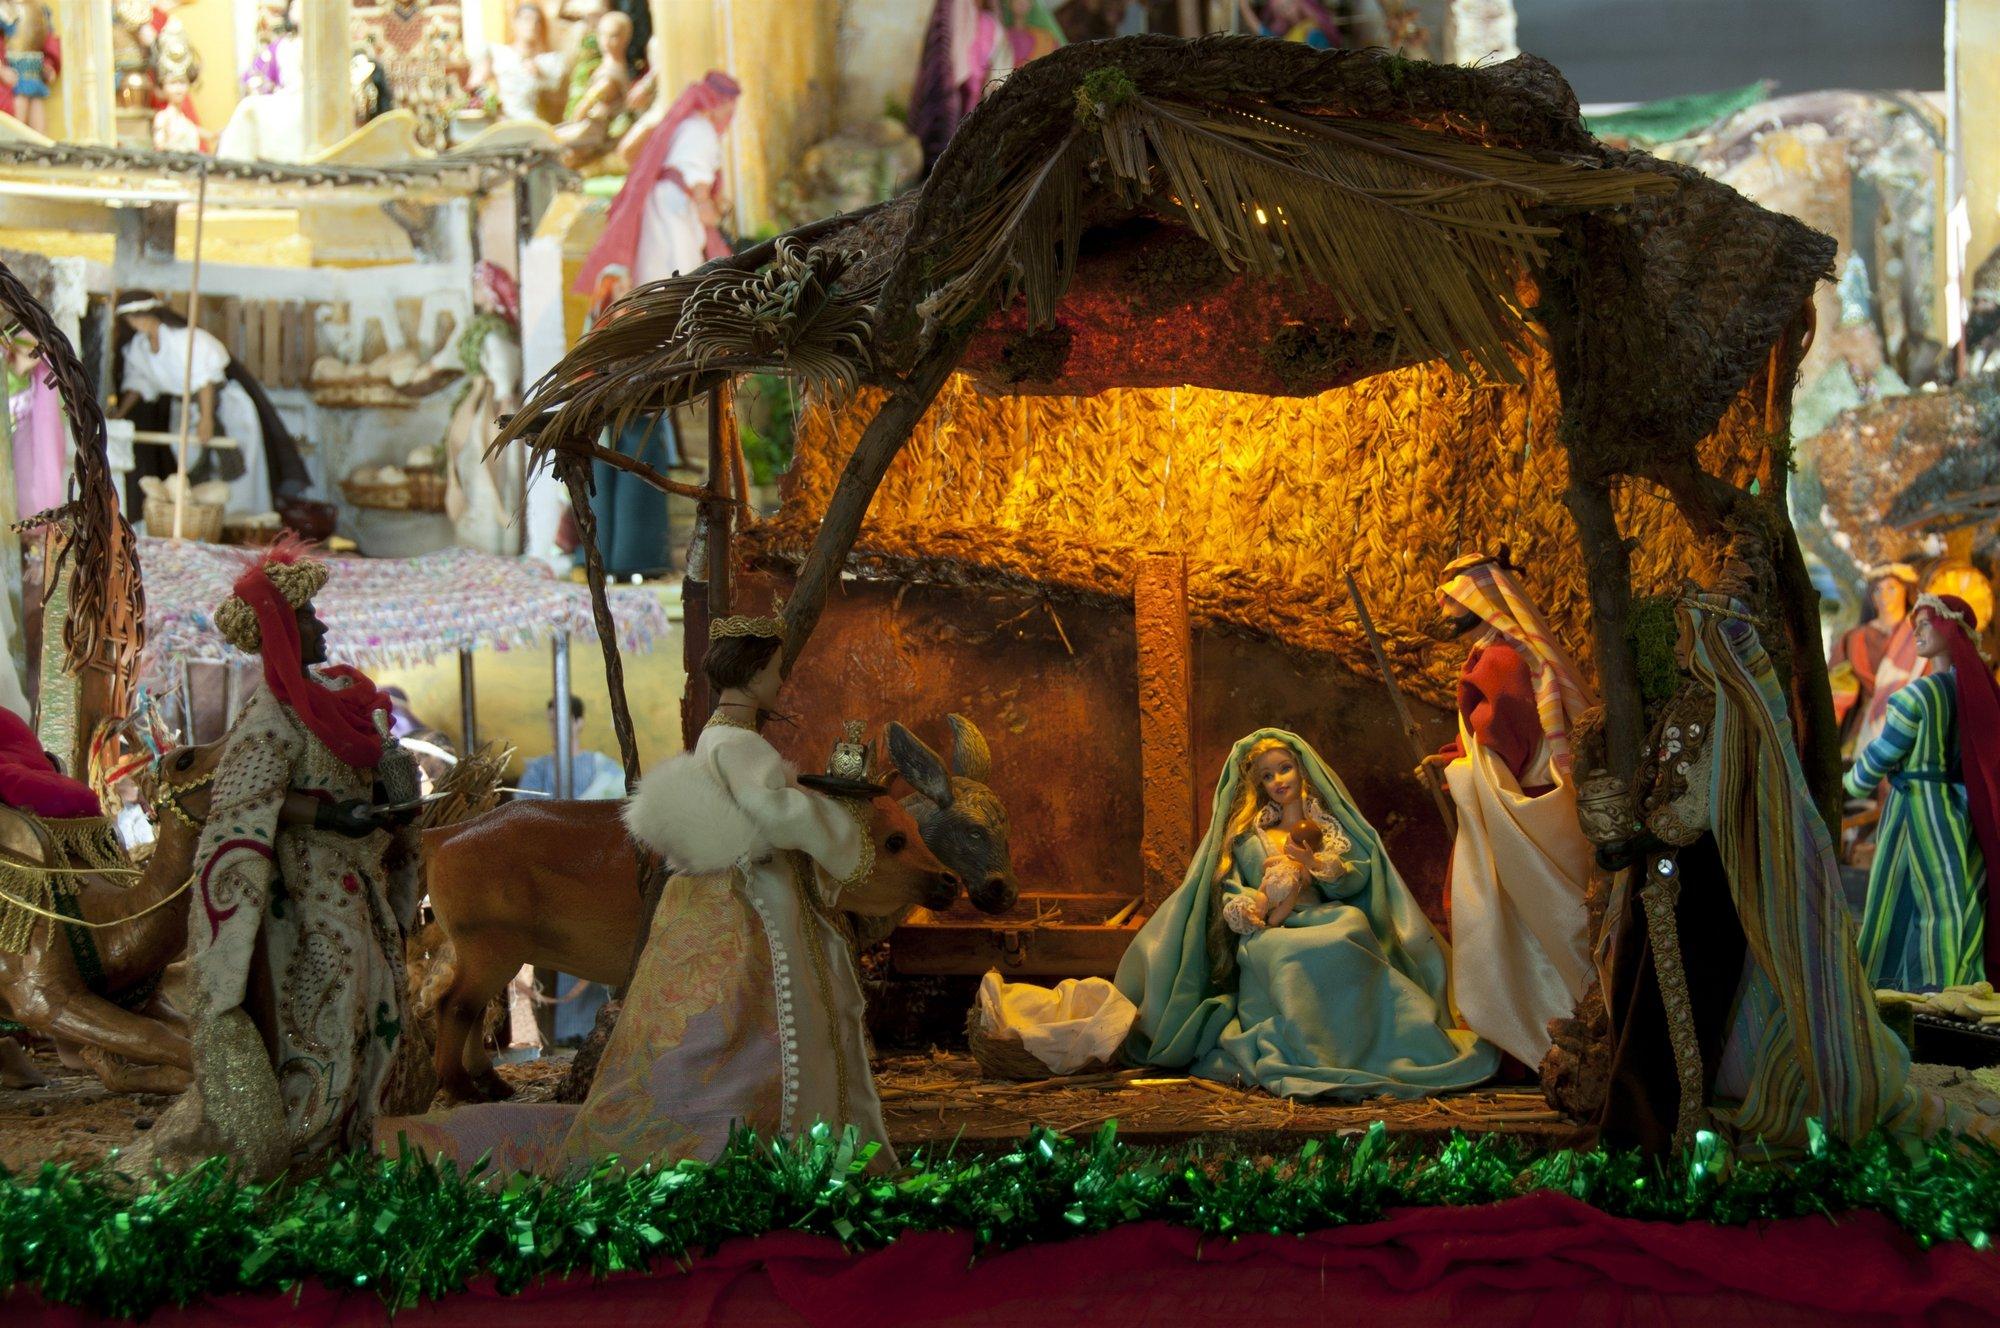 Unos 500 Kens y Barbies, ataviados con vestimentas artesanales, protagonizan un singular belén en Málaga